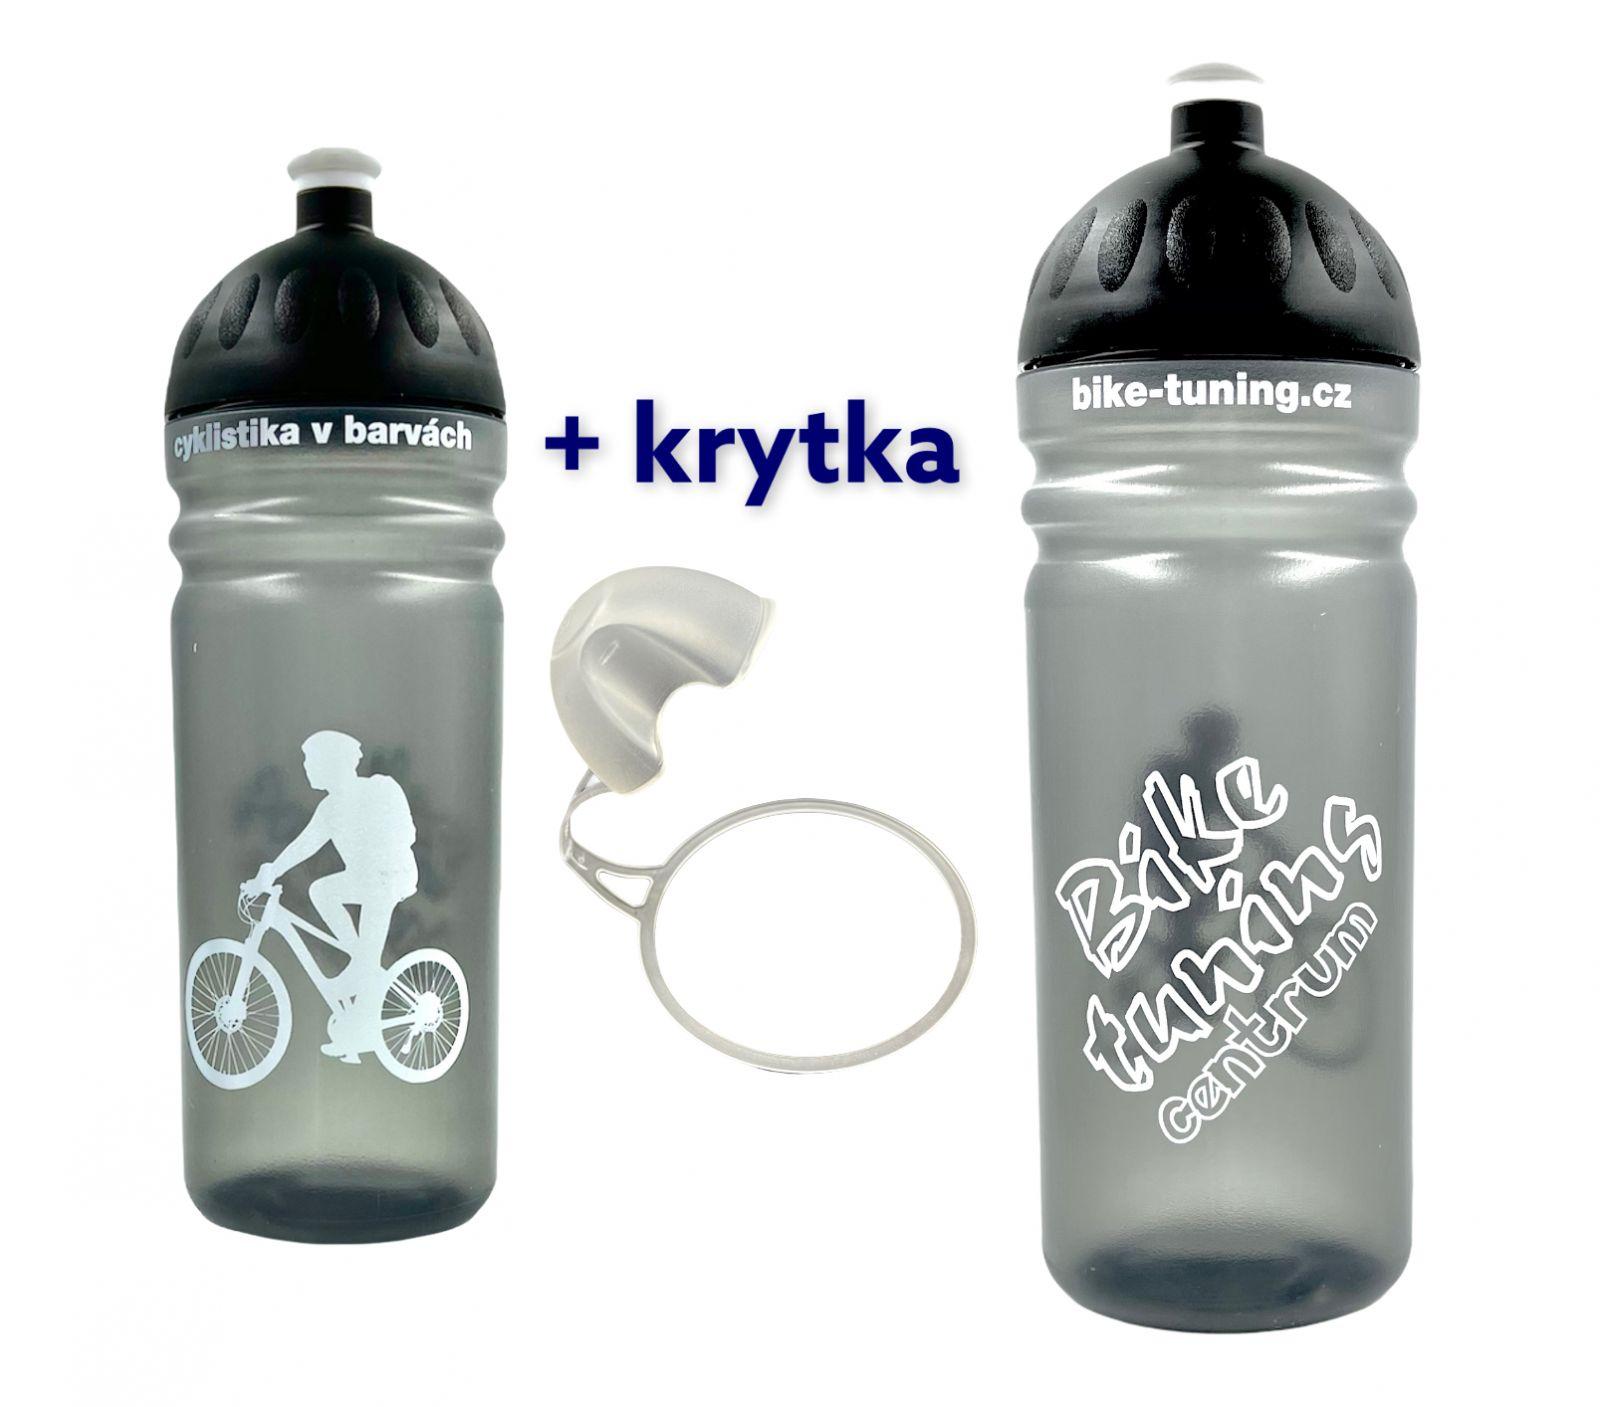 Láhev R&B 0,7L Bike tuning centrum transparent černá + krytka